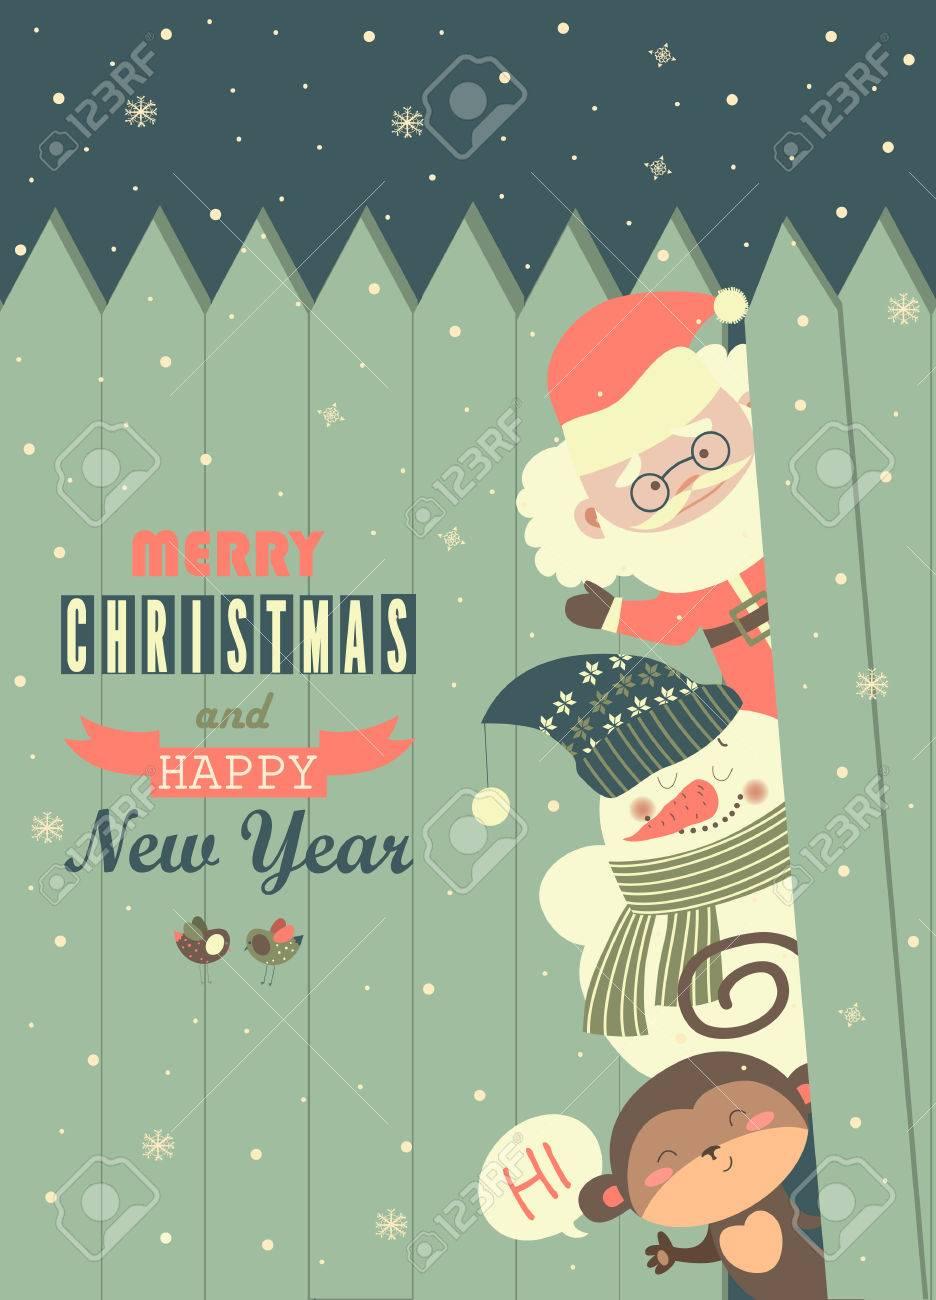 Souhaiter Joyeux Noel.Pere Noel Singe Bonhomme De Neige Pour Vous Souhaiter Joyeux Noel Vecteur Carte De Voeux